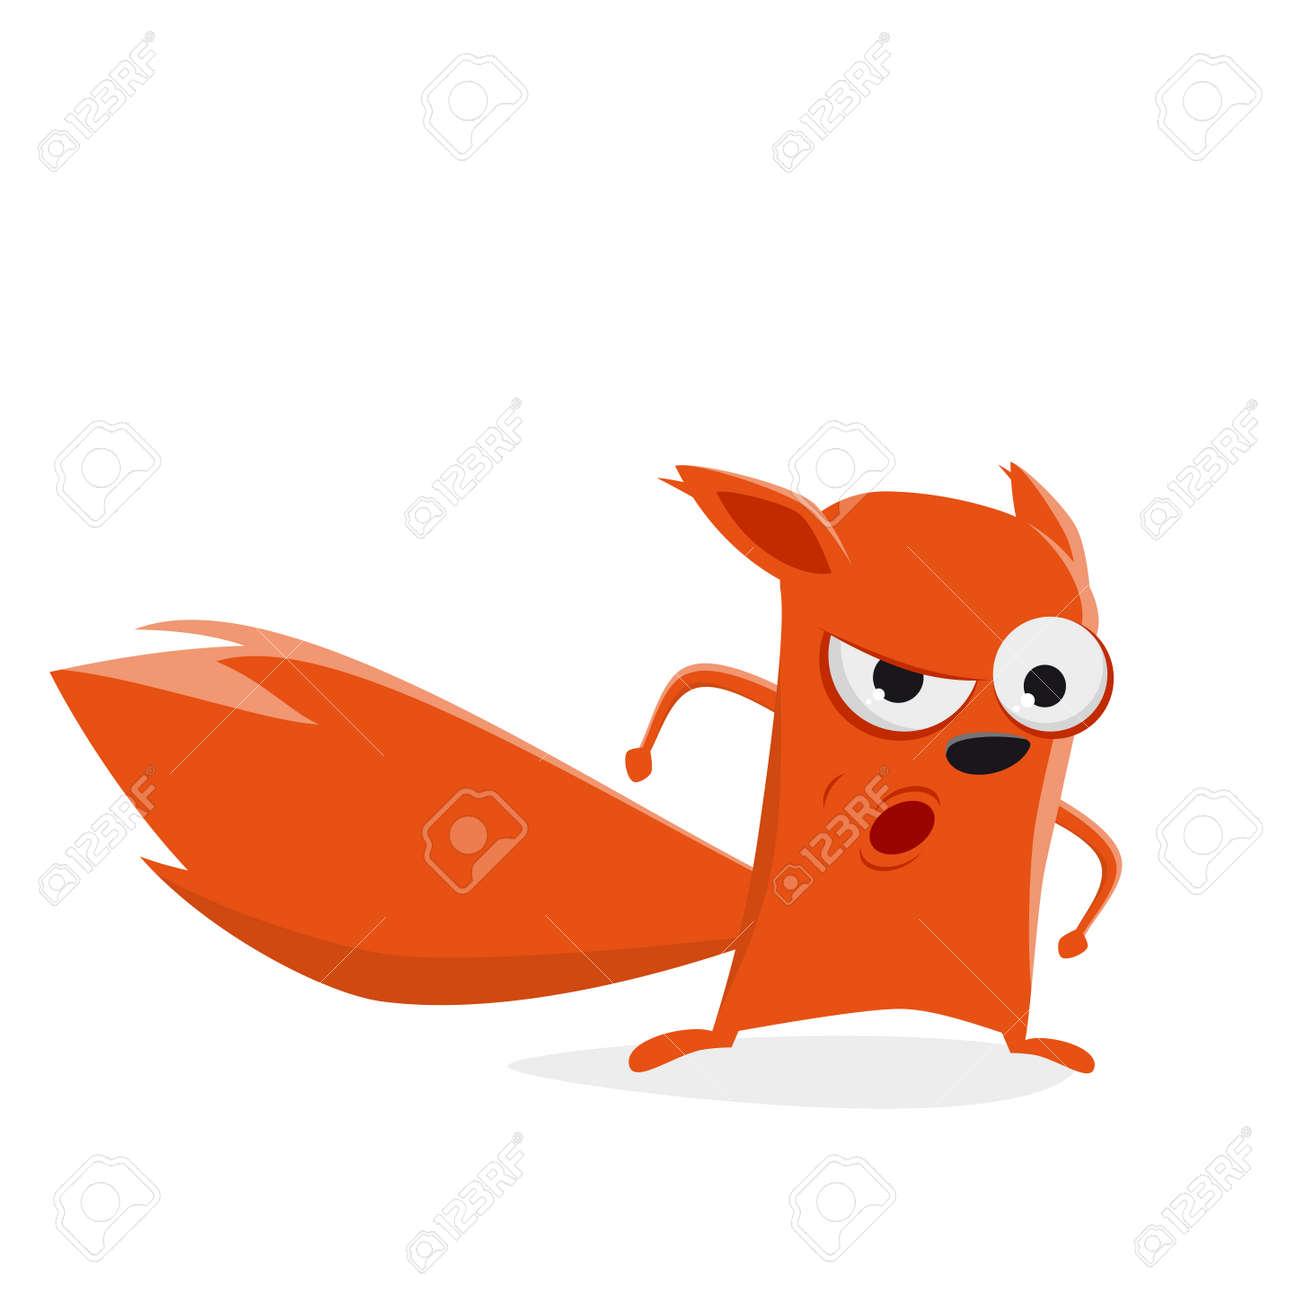 Vettoriale divertente cartone animato scoiattolo è arrabbiato